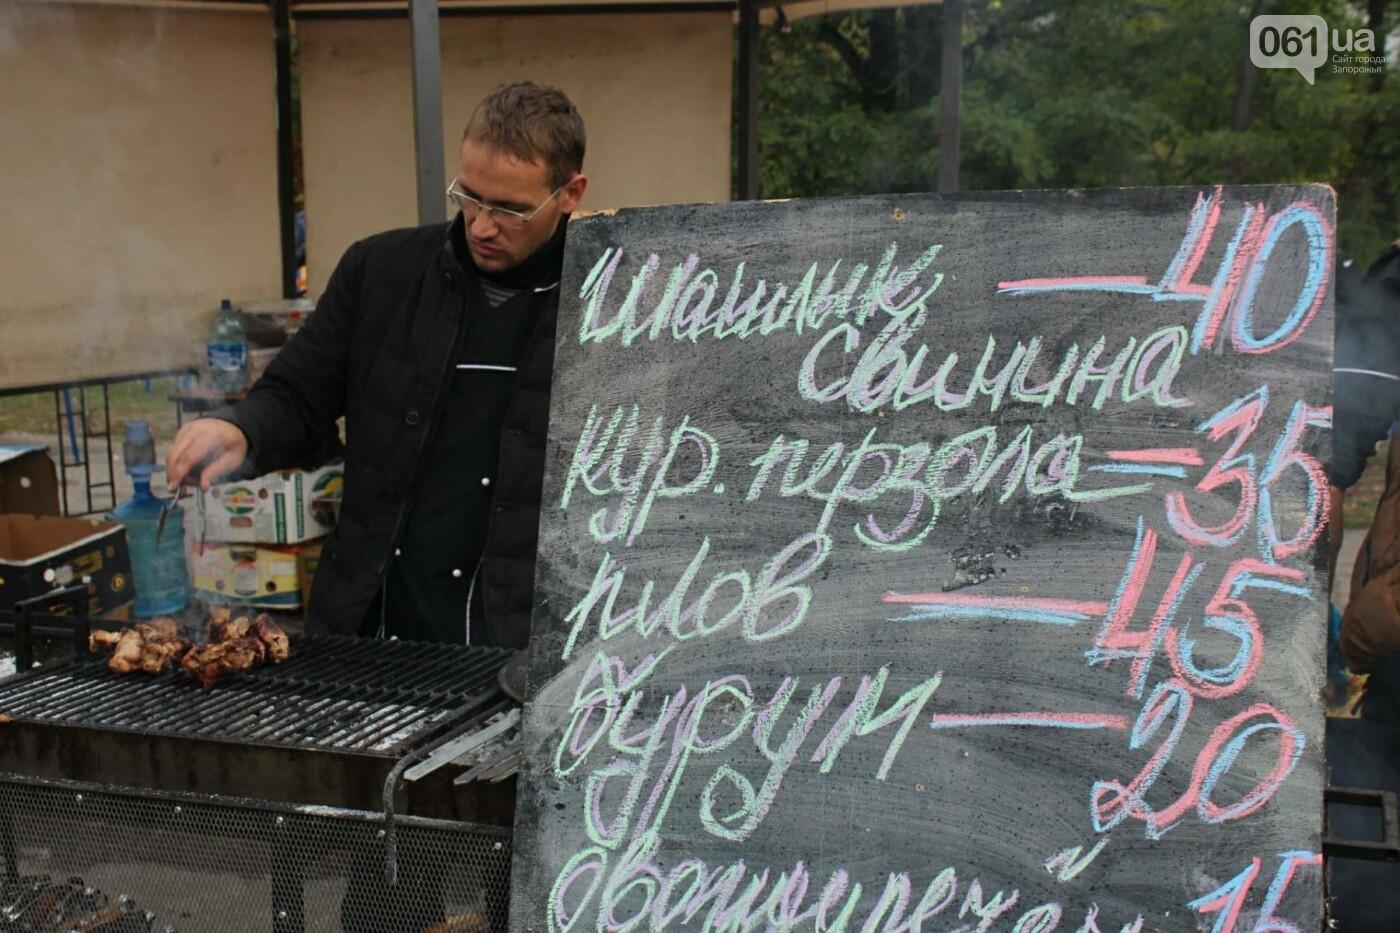 Водка, трусы и картошка: в Запорожье стартовала Покровская ярмарка, - ФОТОРЕПОРТАЖ, фото-8